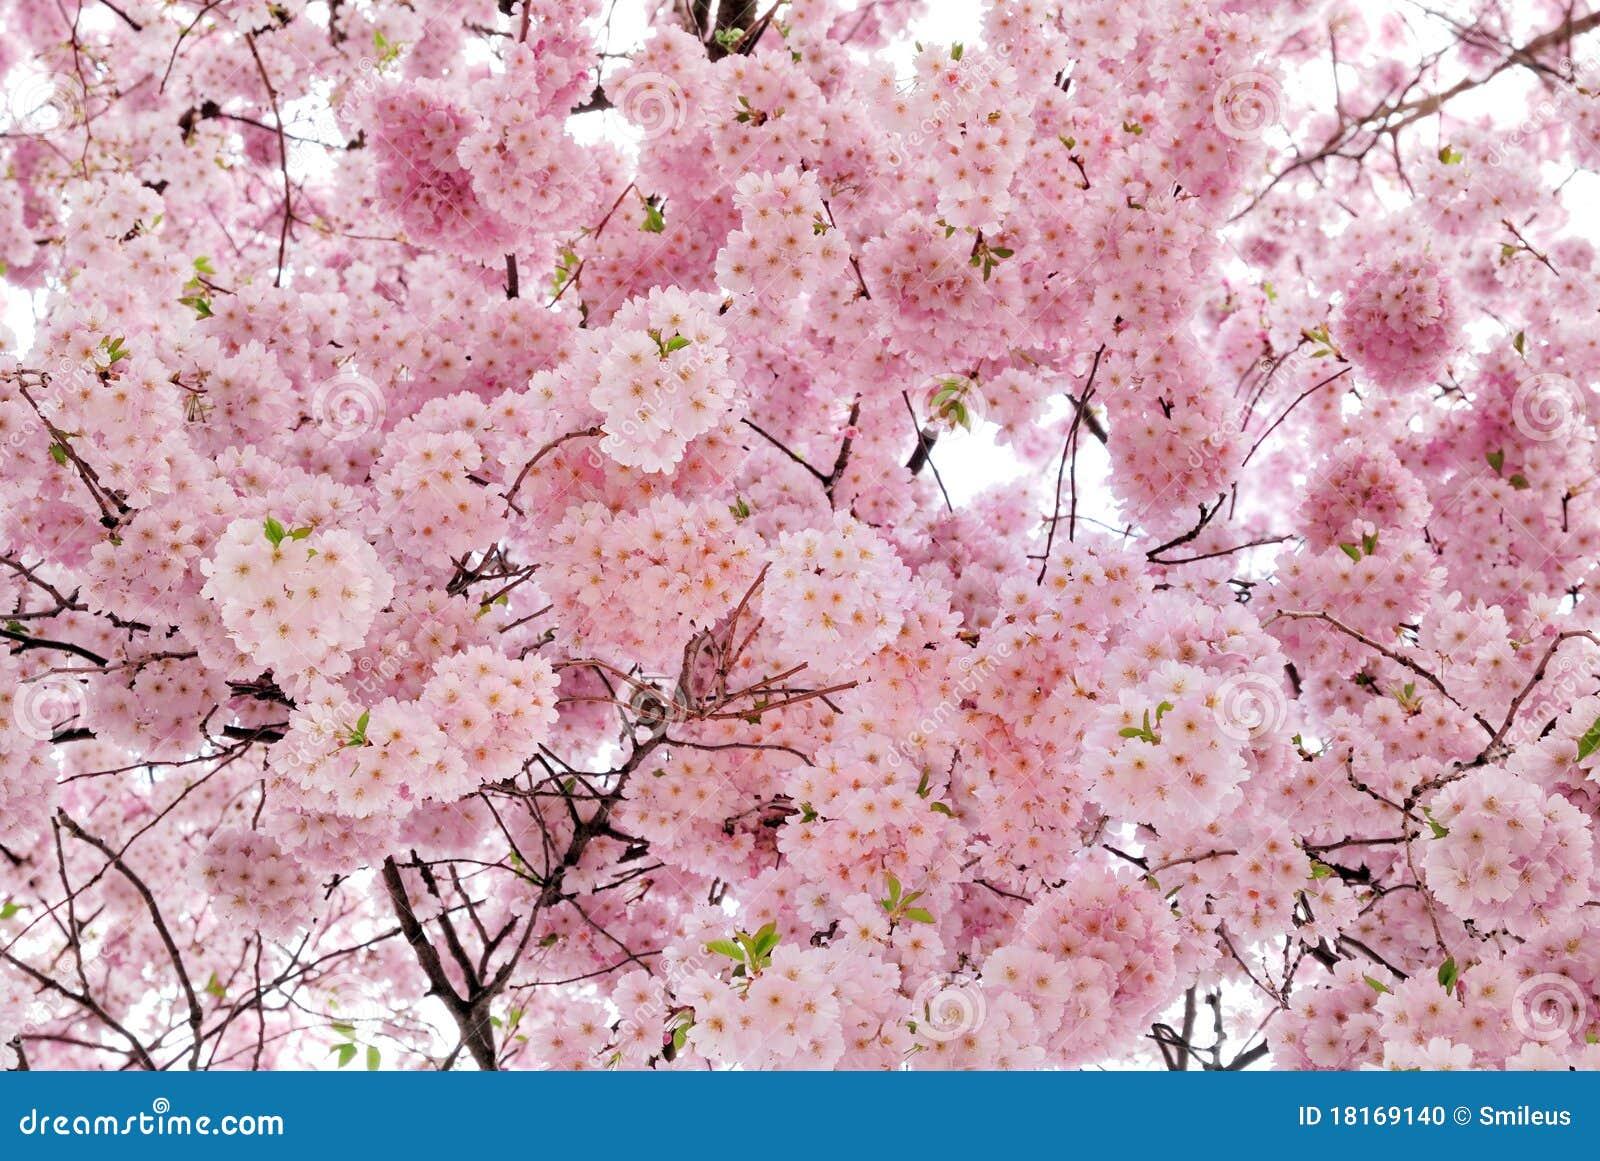 Mooie kersenbloesems die het frame vullen